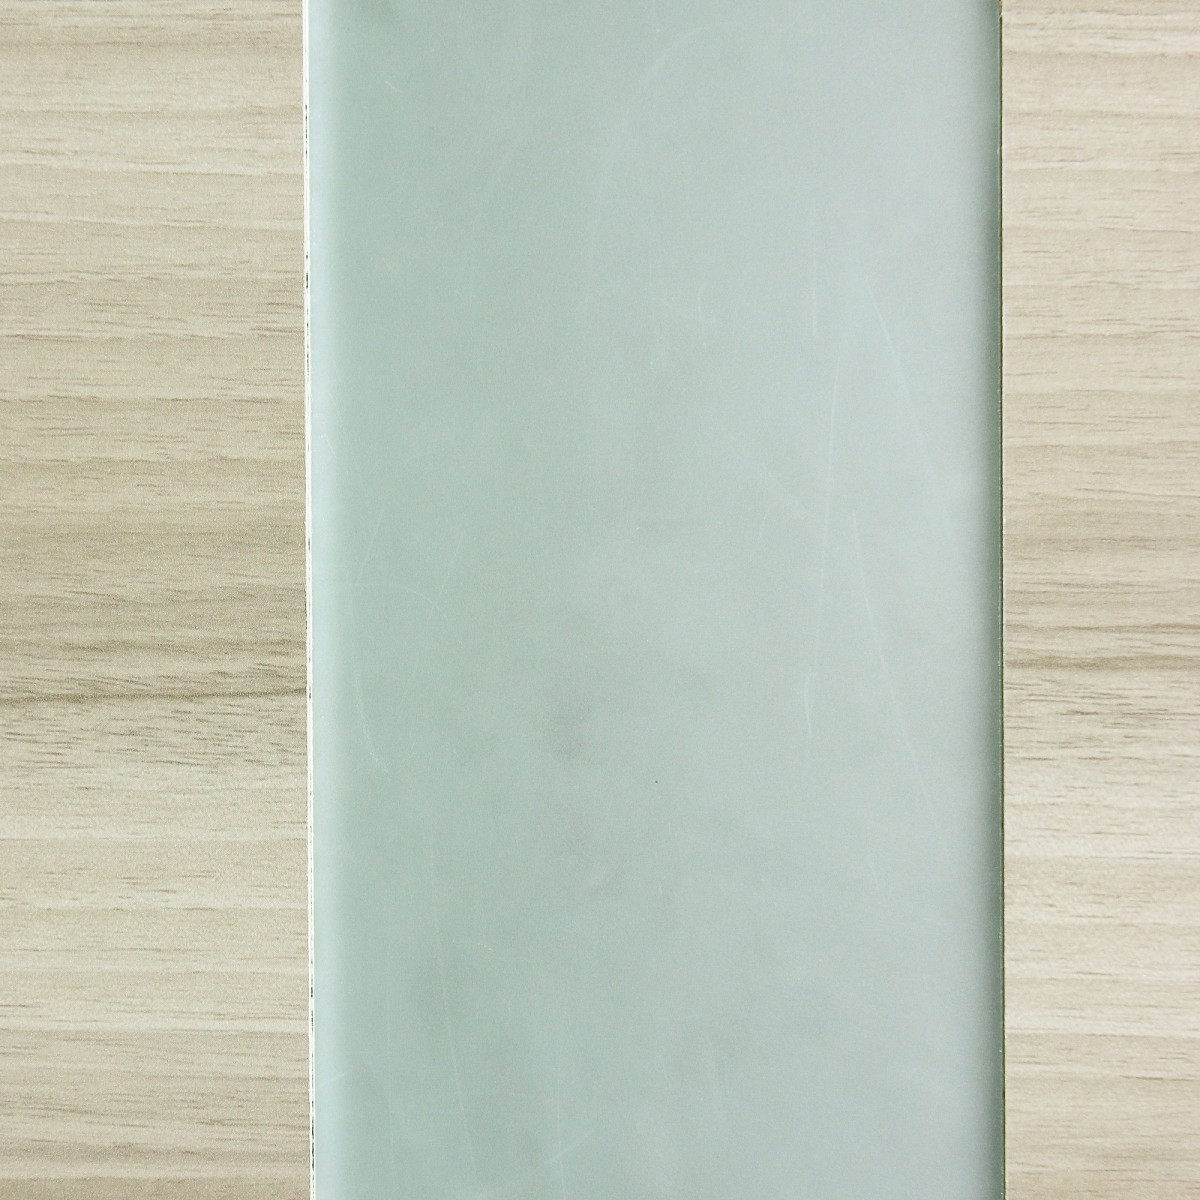 Дверь Межкомнатная Остеклённая Ламинированная Унико 90x200 Цвет Светлый Орех